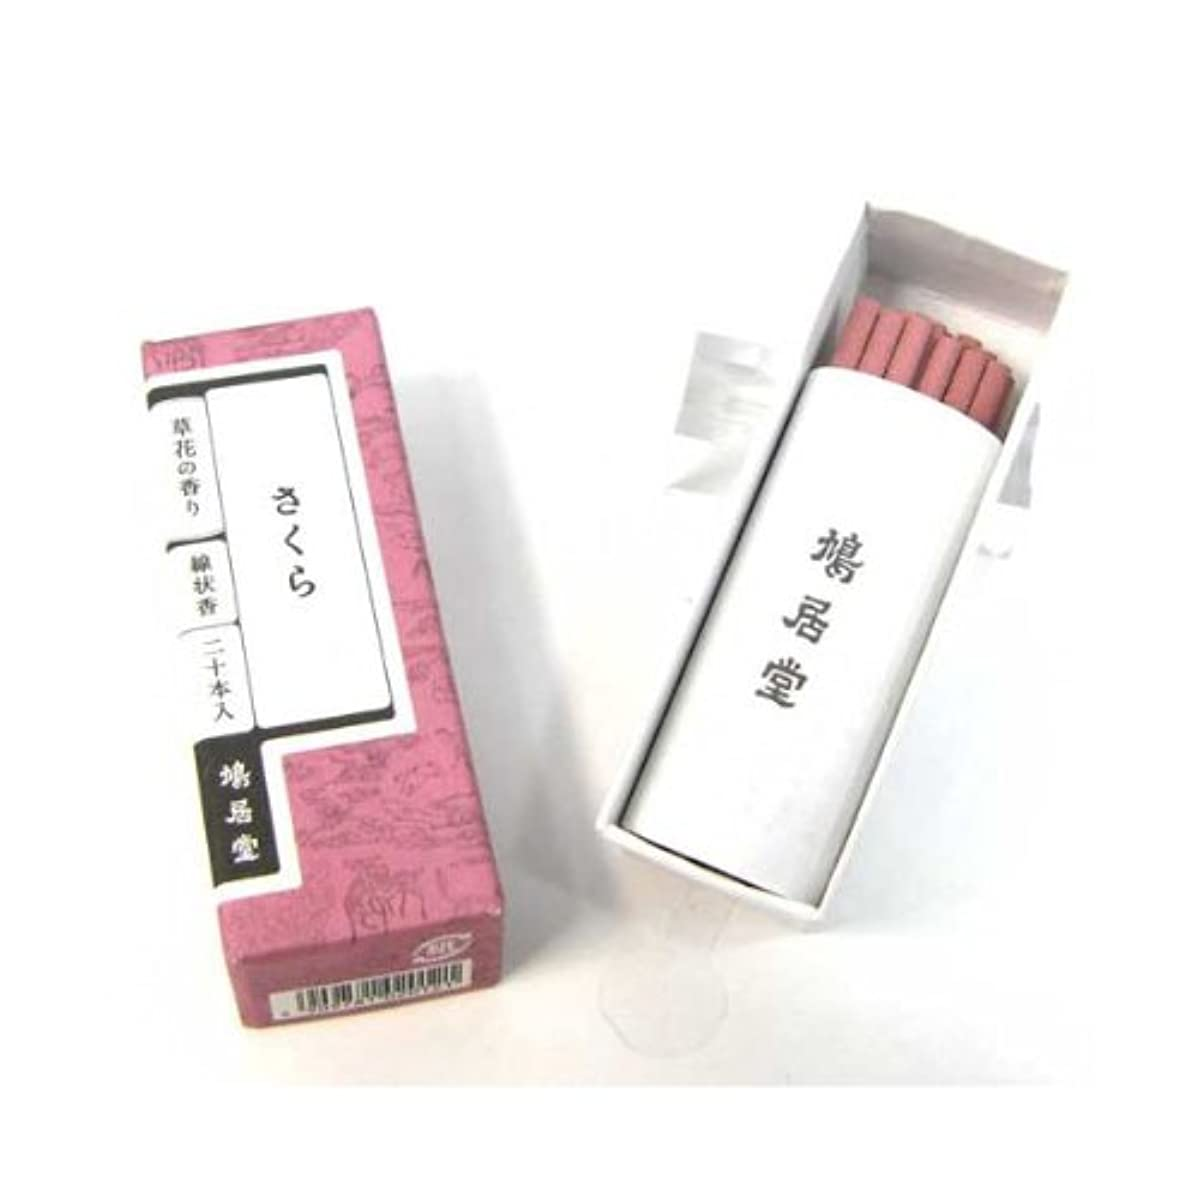 幻想剛性スラック鳩居堂 お香 桜/さくら 草花の香りシリーズ スティックタイプ(棒状香)20本いり